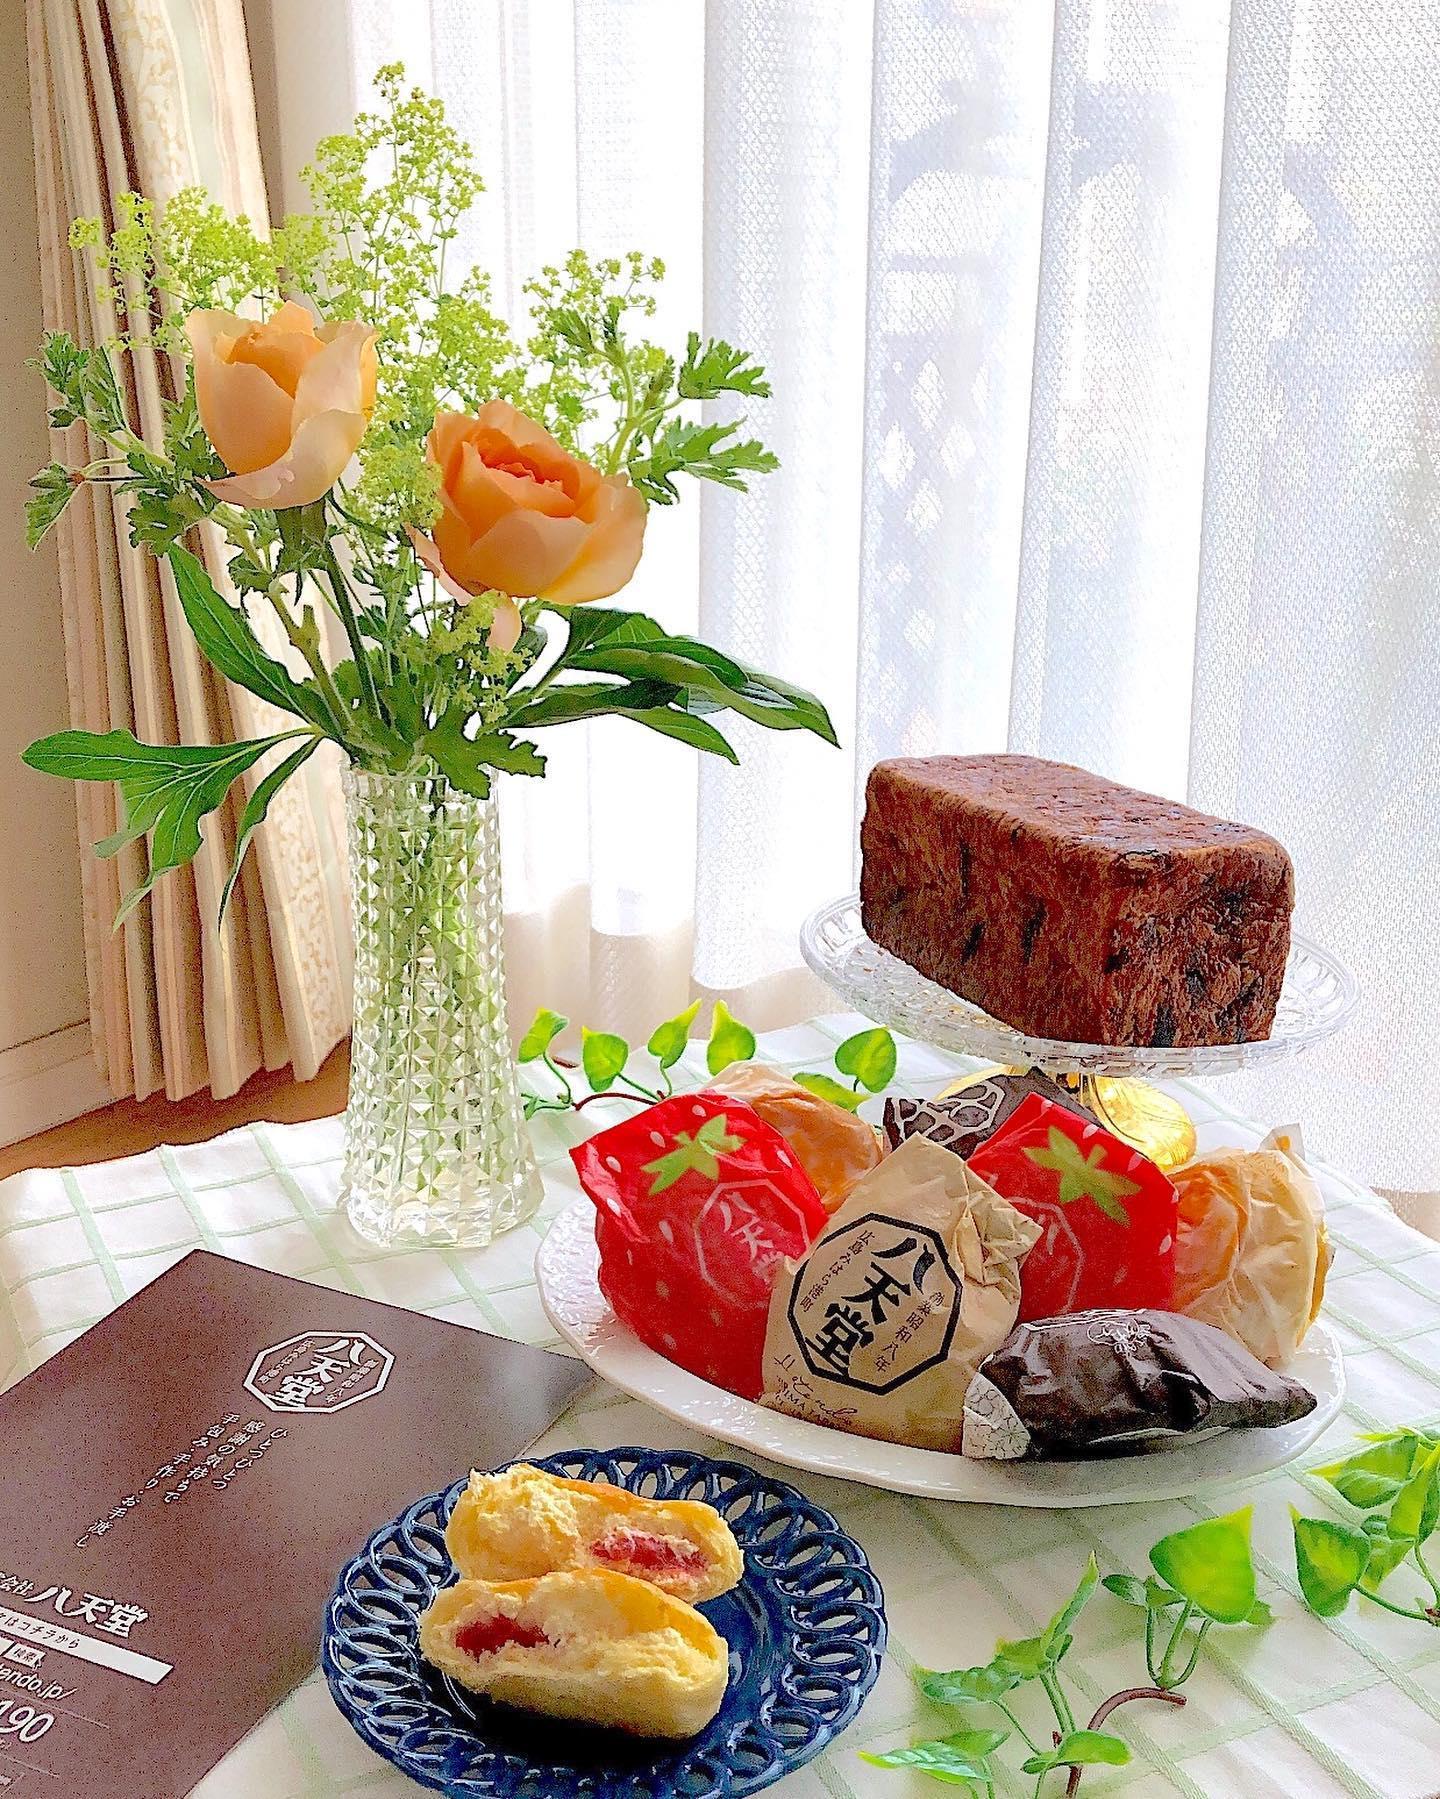 口コミ投稿:こんにちは😃..#八天堂 さまから#プレミアムフローズンくりーむパン おたのしみBOXを…